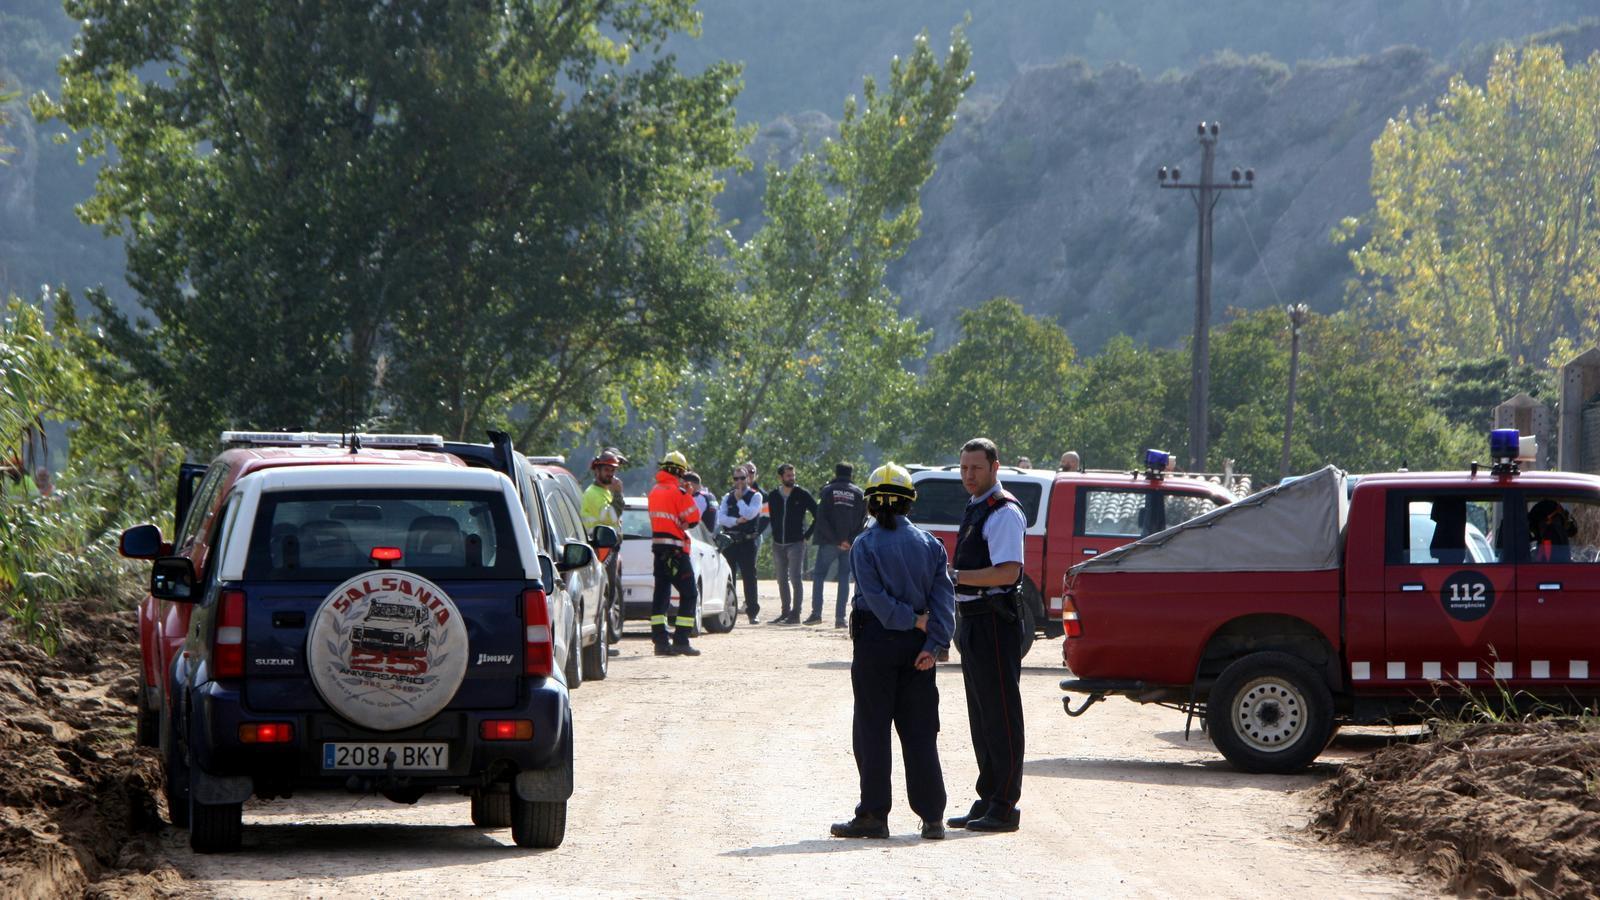 Imatges dels equips de rescat durant les tasques a finals d'octubre, a Vilaverd